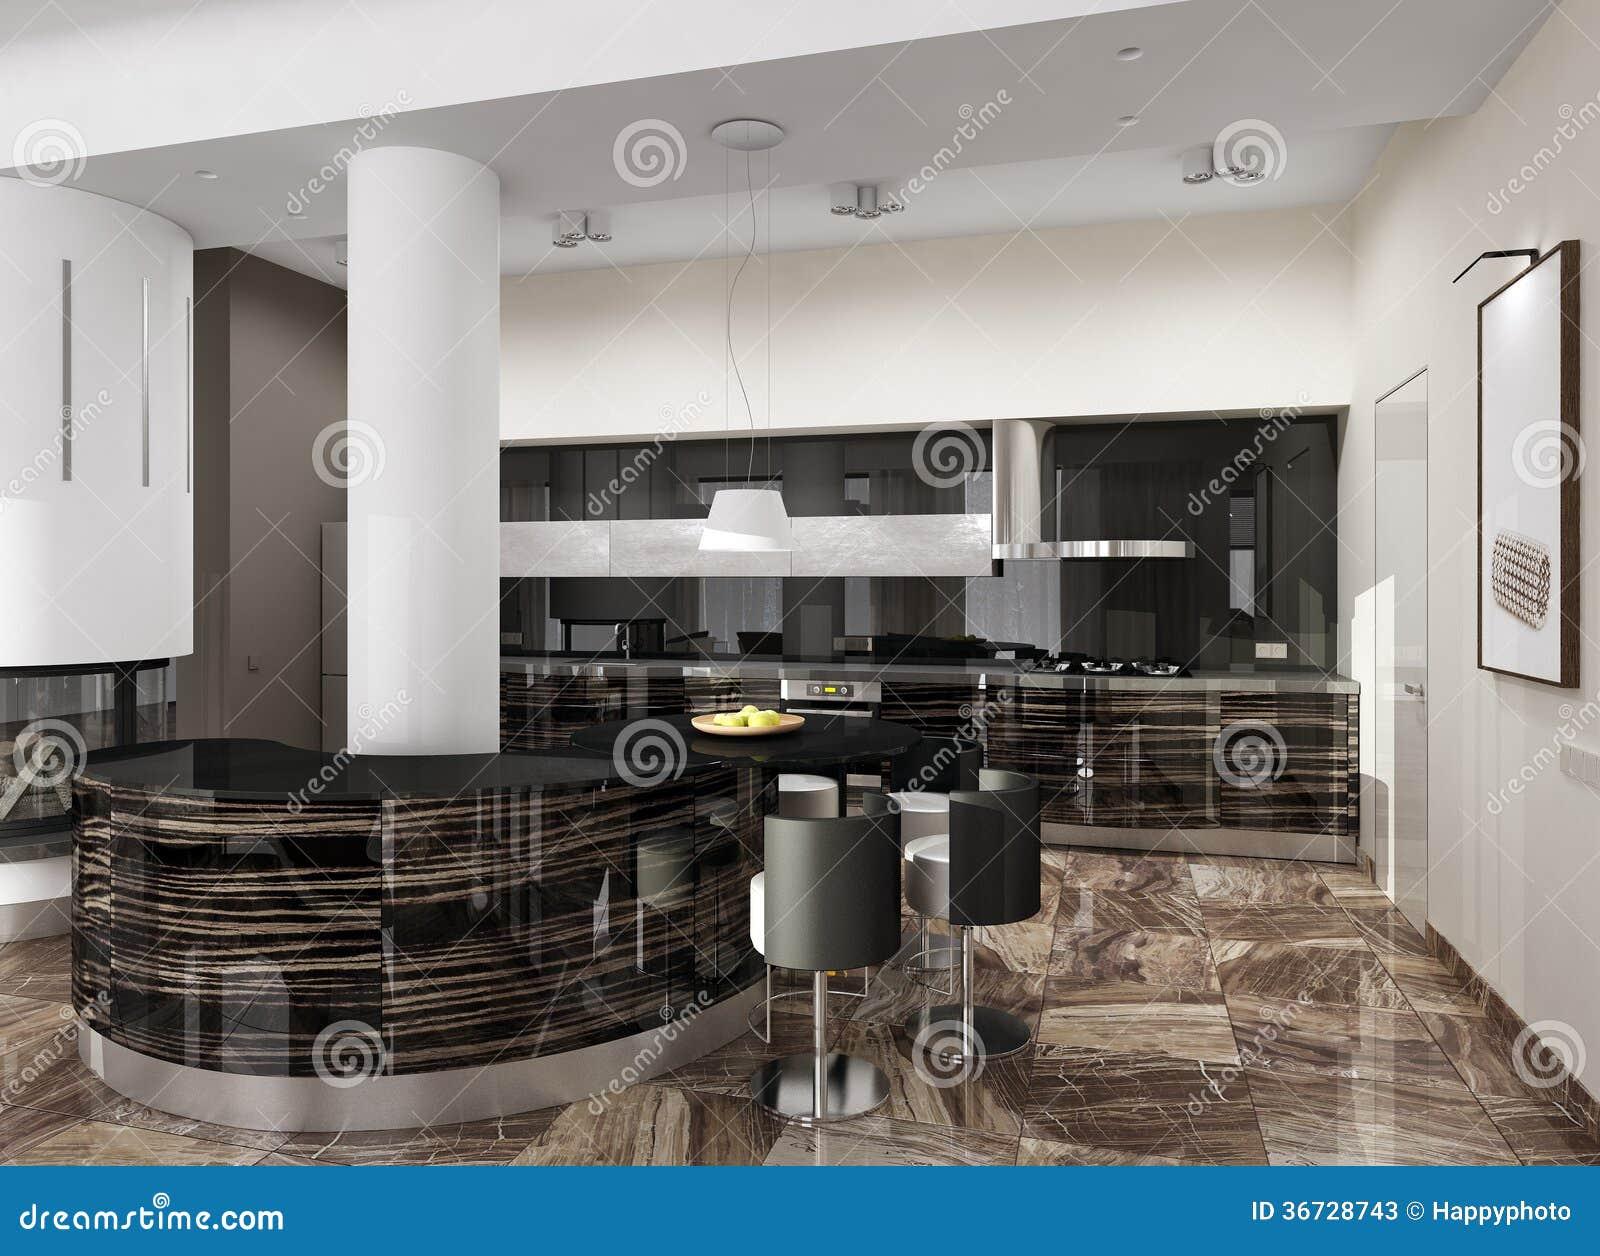 Interni Moderni Cucine : Interno moderno di lusso della cucina illustrazione di stock